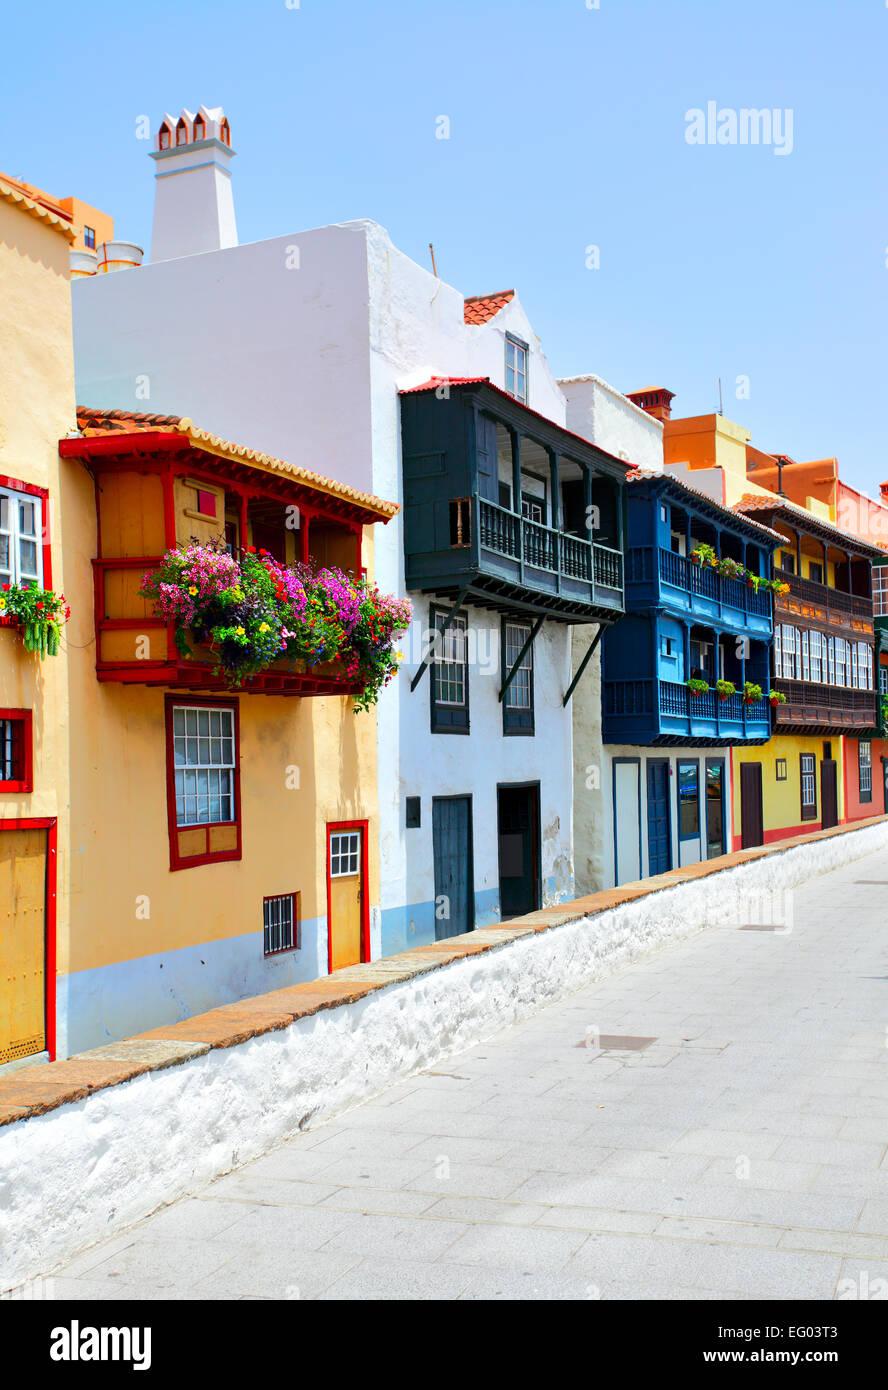 colorful houses with balconies in santa cruz de la palma canary islands